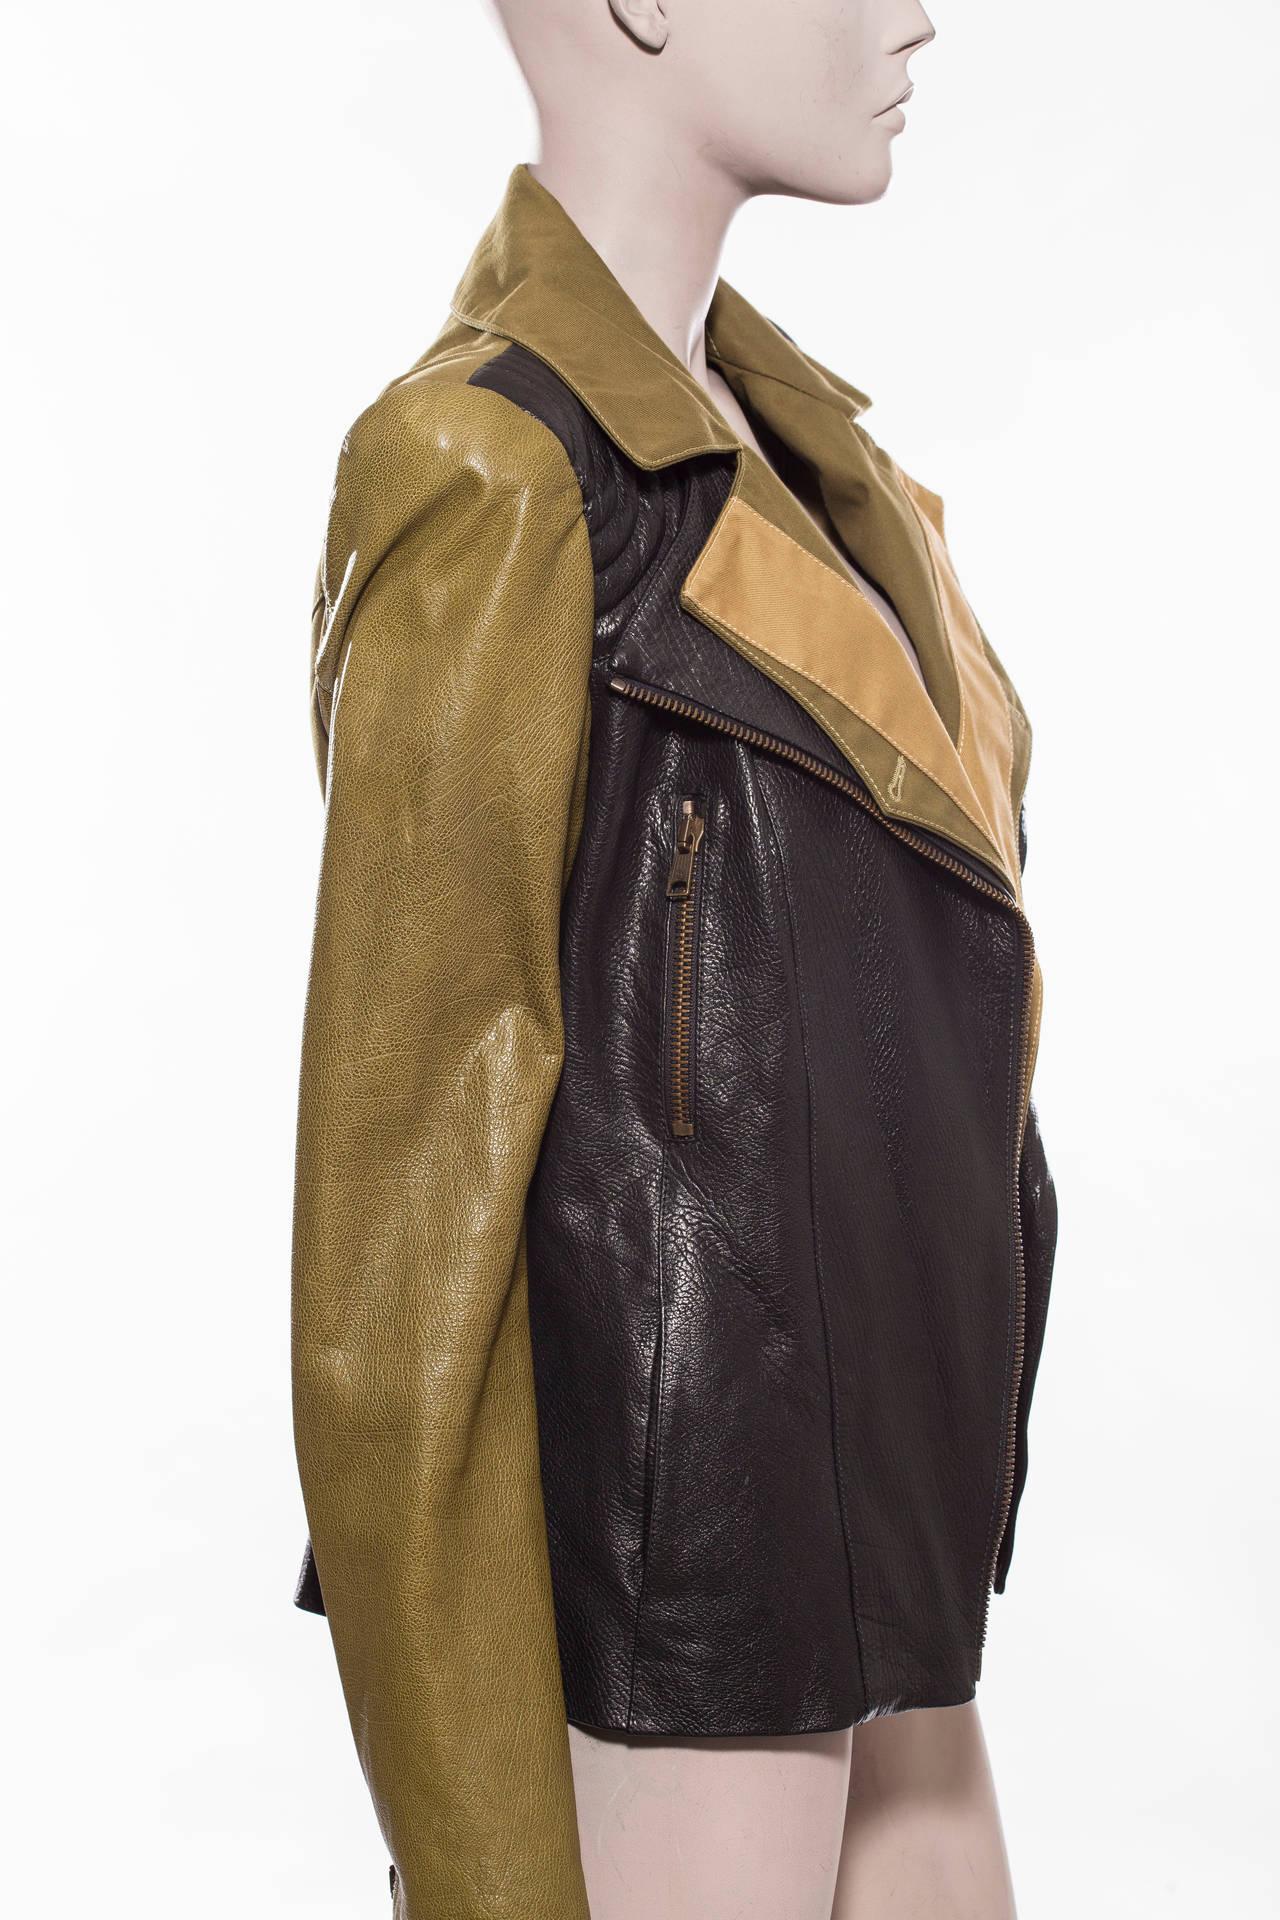 alexander mcqueen leather jacket for sale at 1stdibs. Black Bedroom Furniture Sets. Home Design Ideas